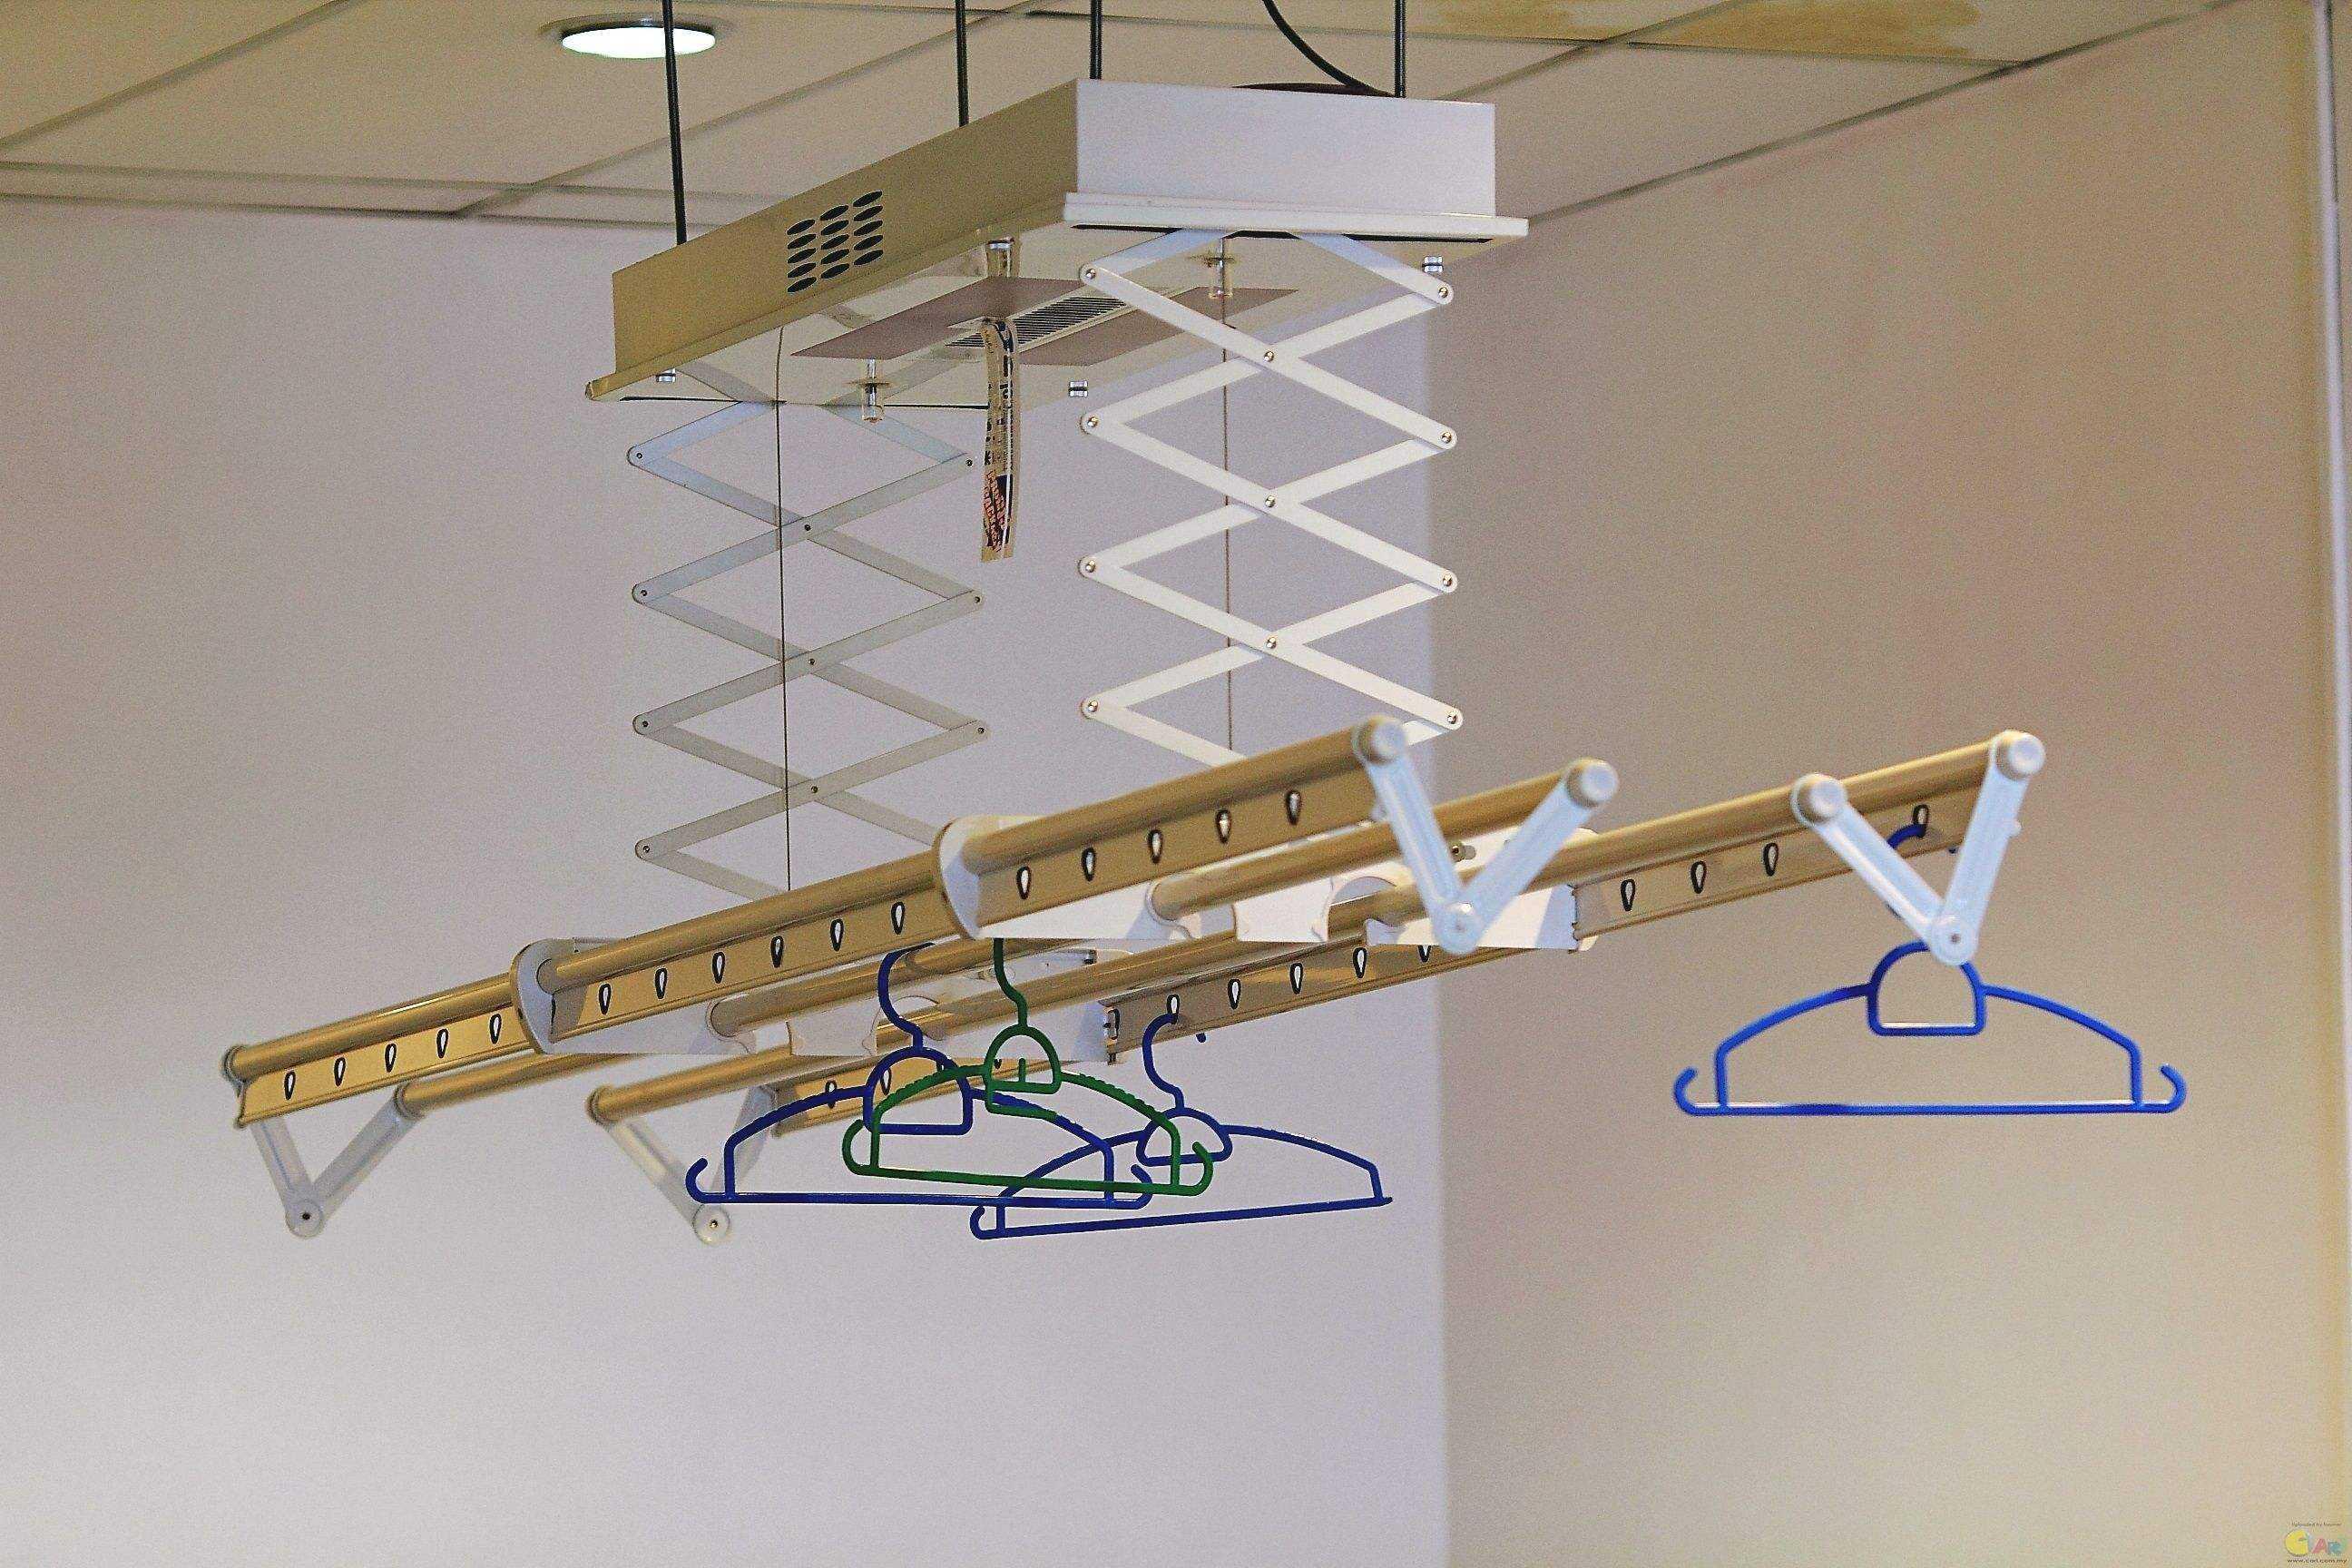 如何在安装晾衣架时不显示钢丝绳